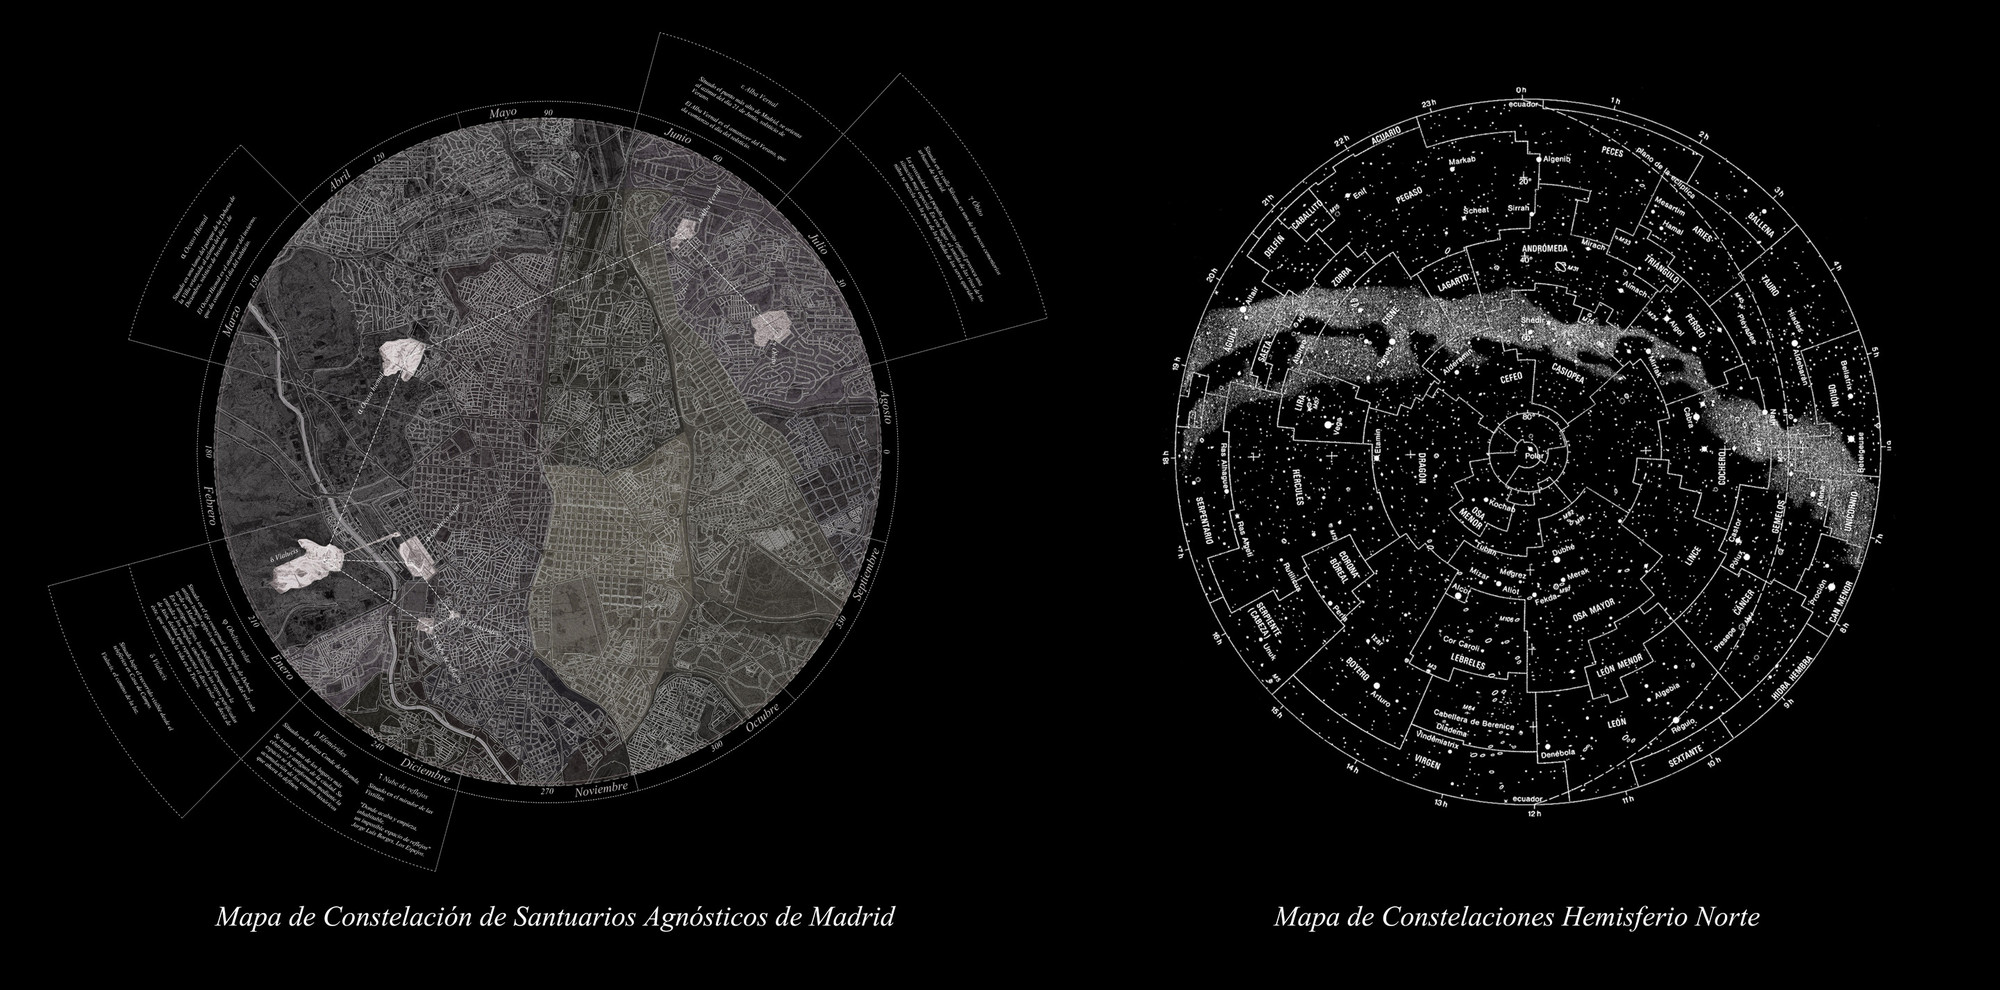 Constelación de Santuarios Agnósticos, siete intervenciones para reflexionar en Madrid, Constelación de Santuarios Agnósticos. Image Cortesia de Lucía Barrantes Egaña